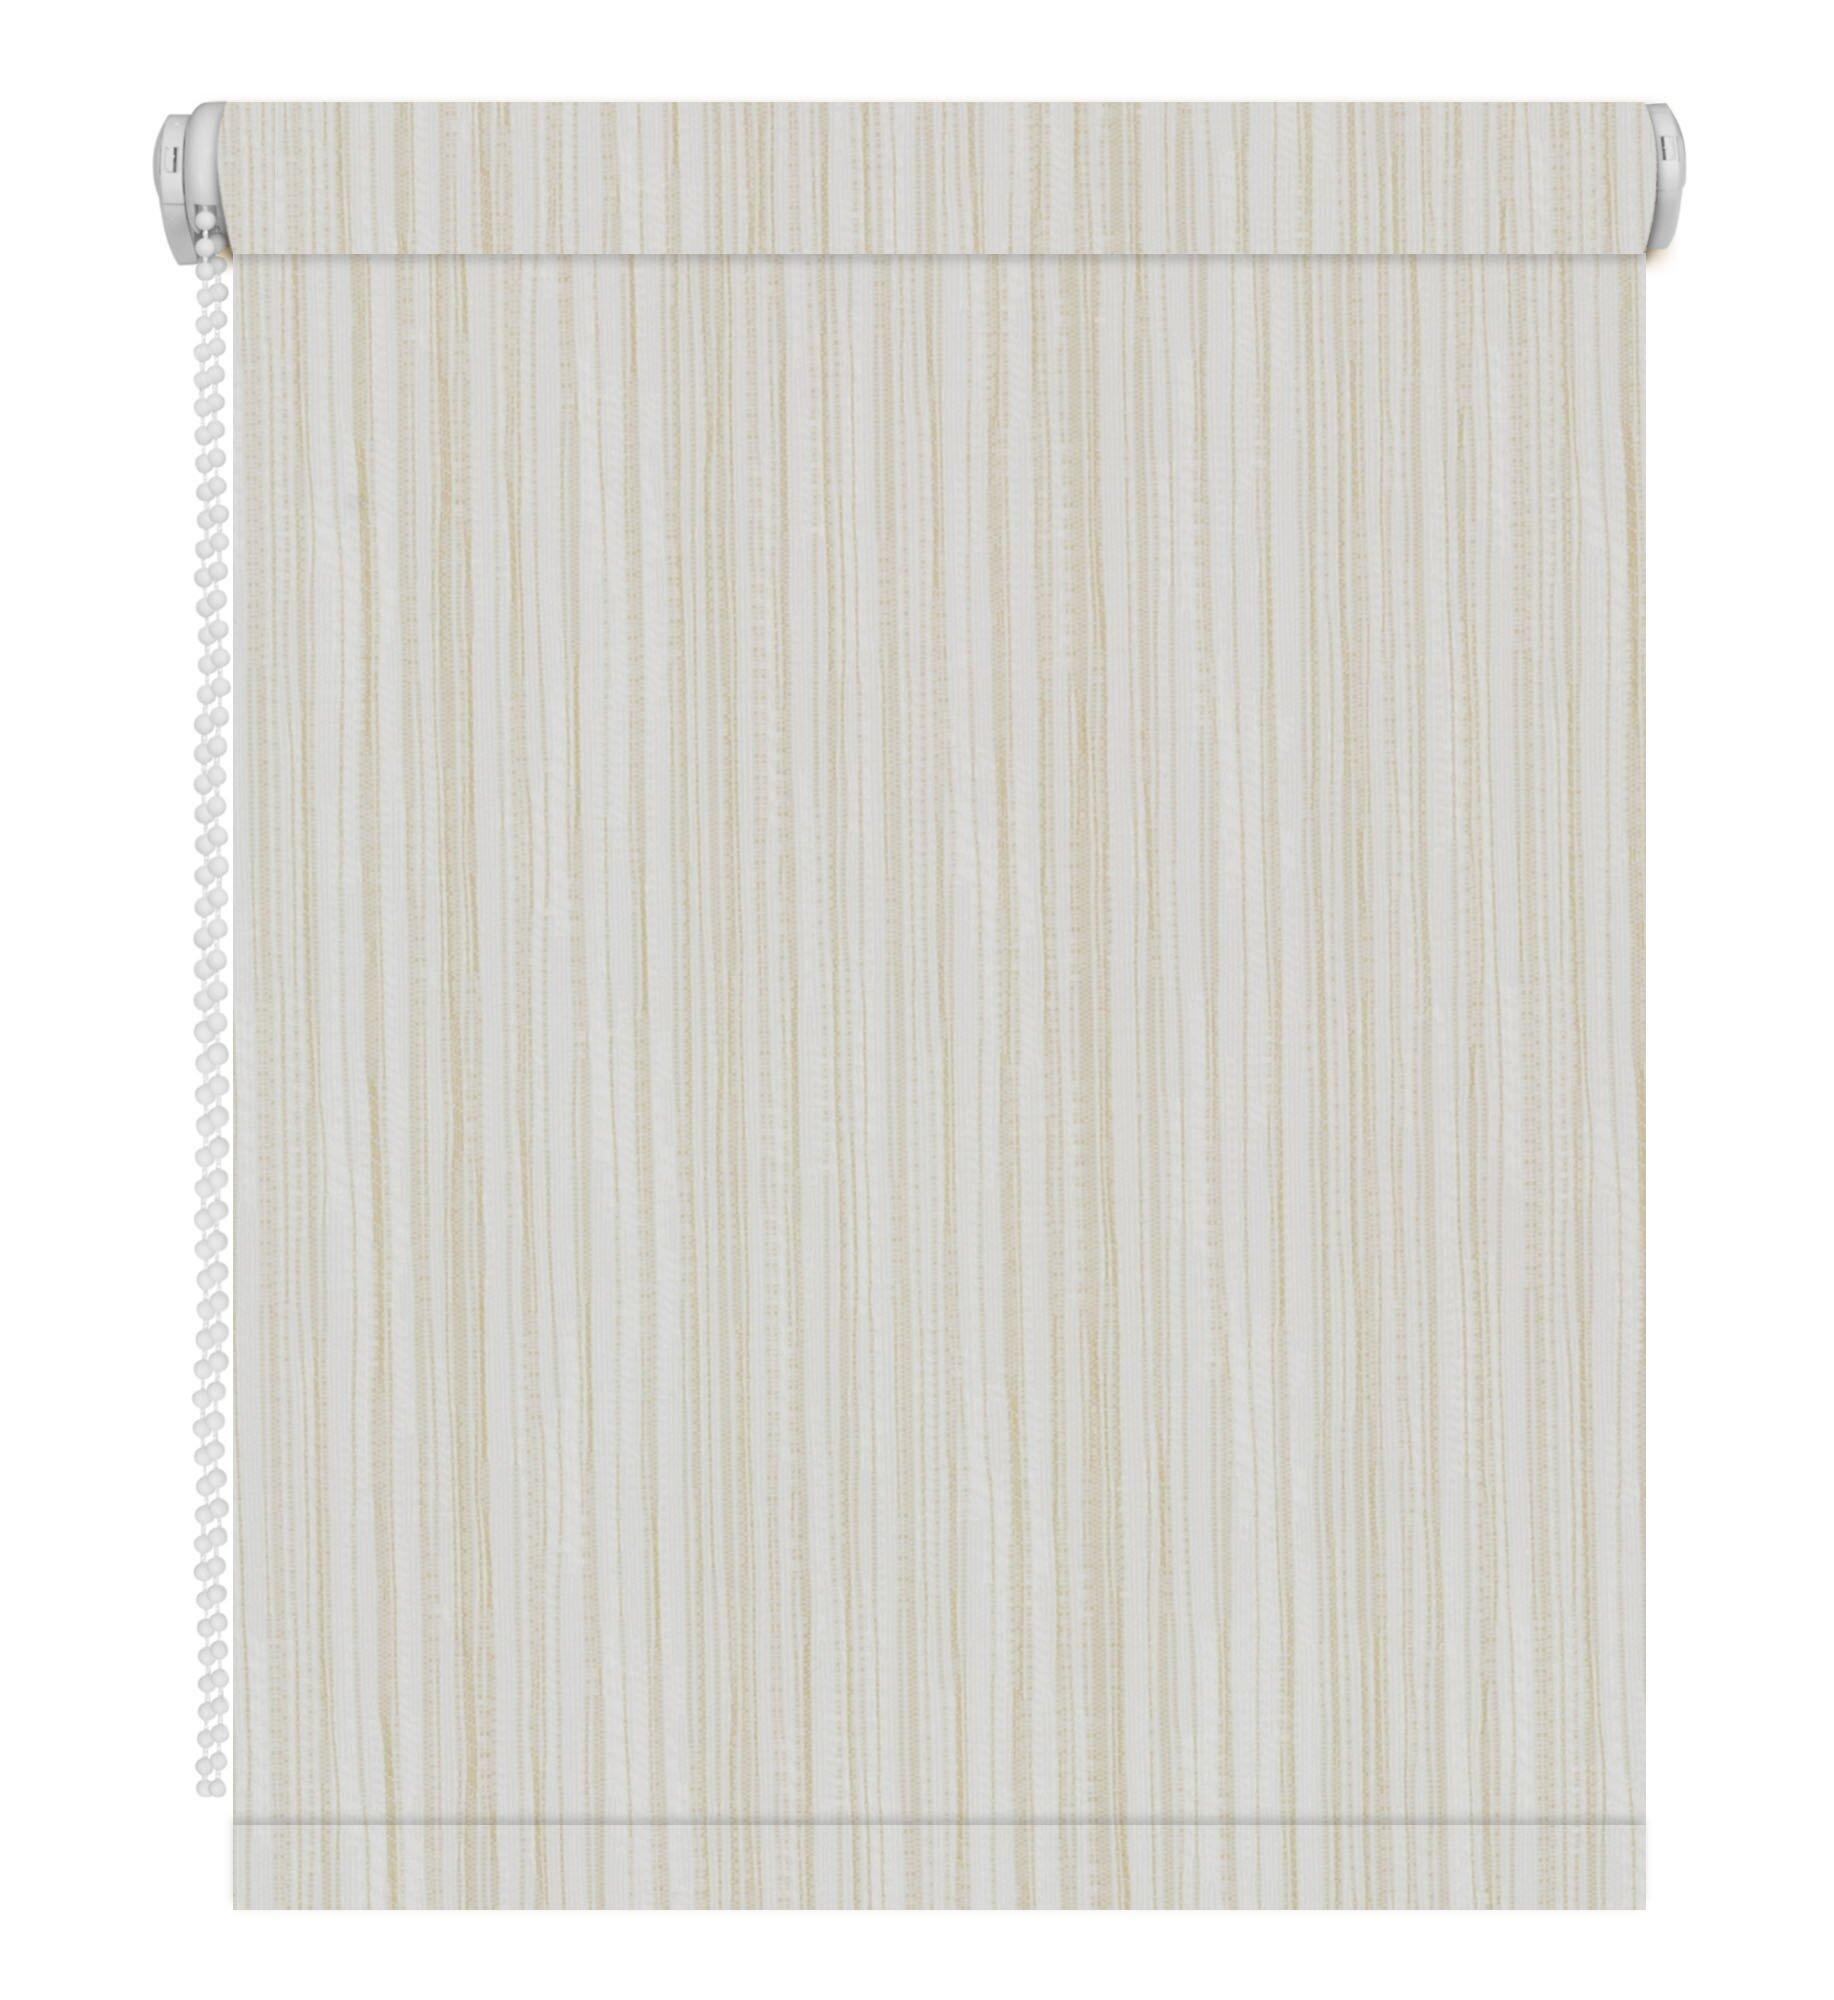 Римские и рулонные шторы ARCODORO ado438939